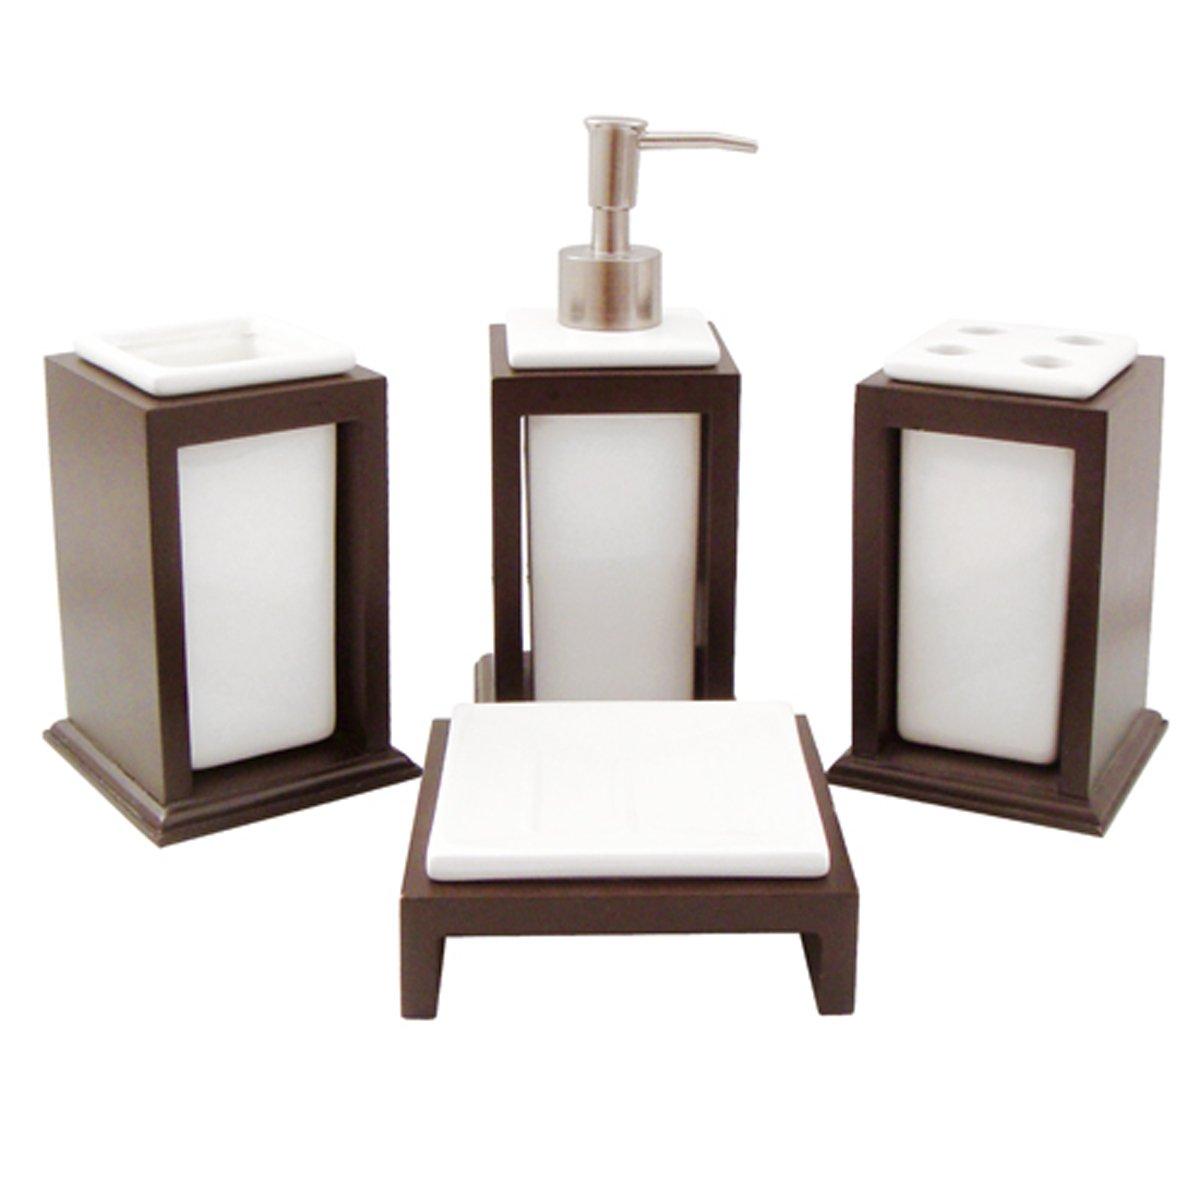 Juegos De Baño Sears: blancos baño juego de bano de cerámica juego de bano de cerámica